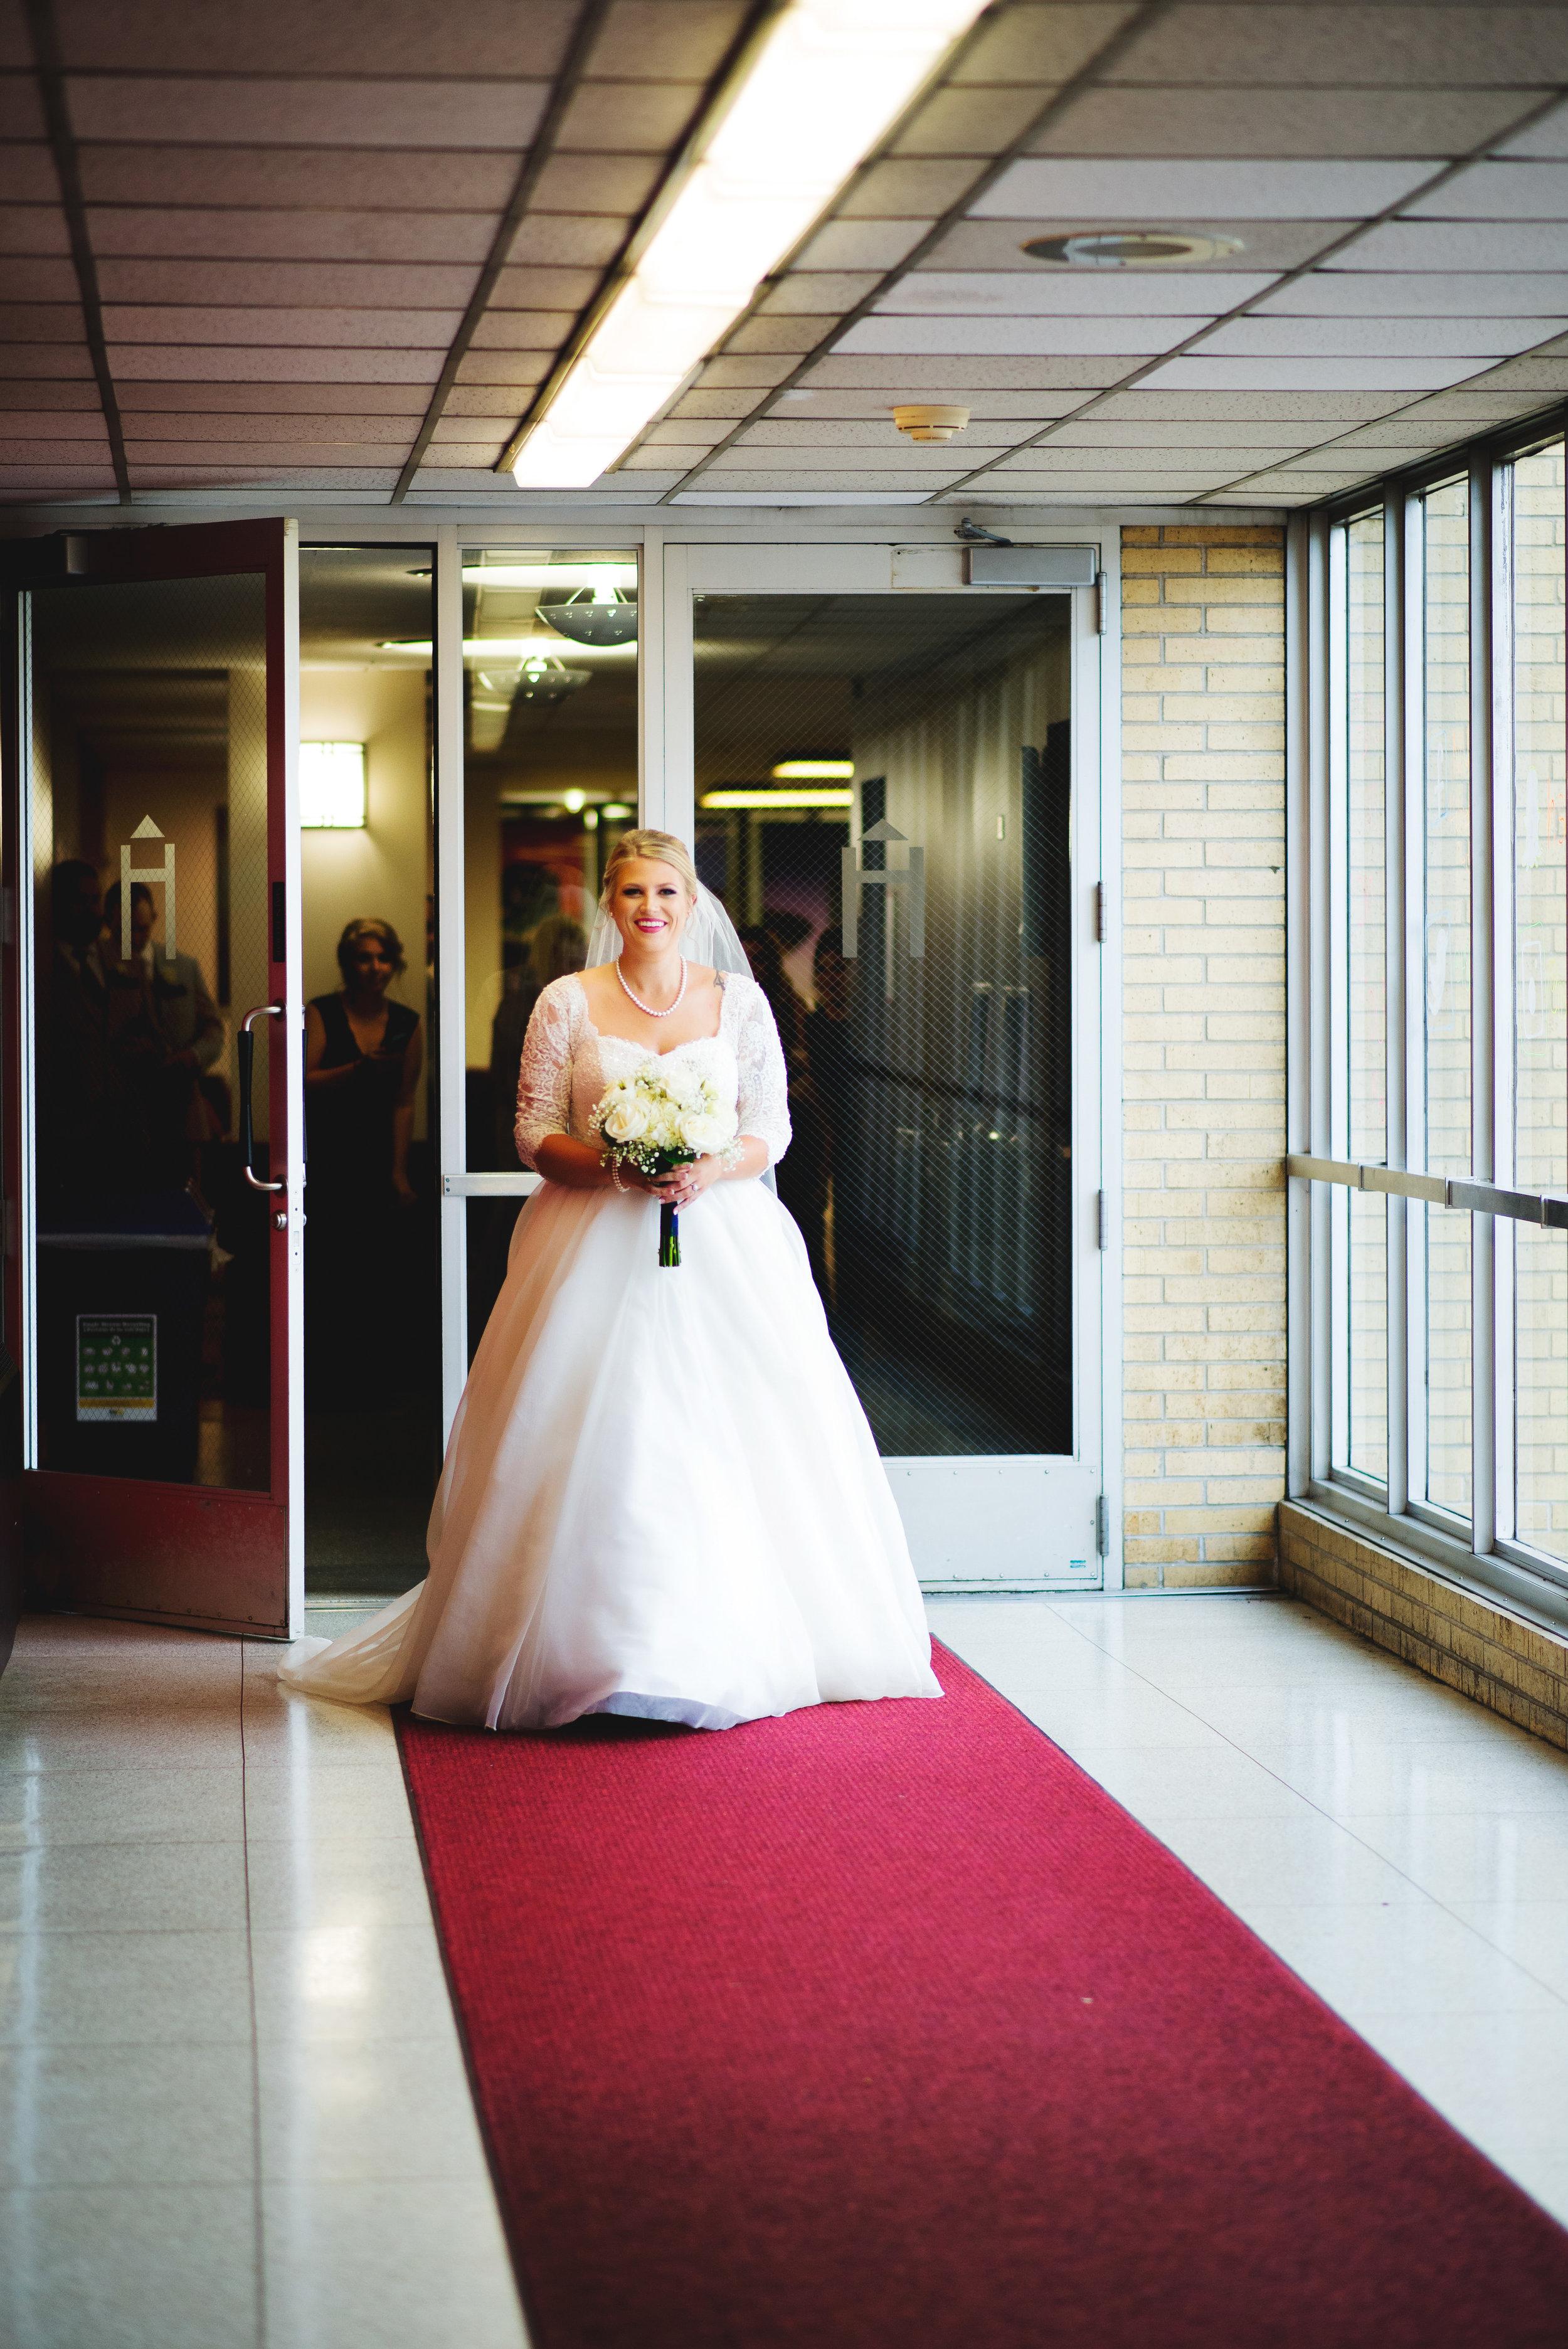 King-Northern-Illinois-University-Wedding025.jpg